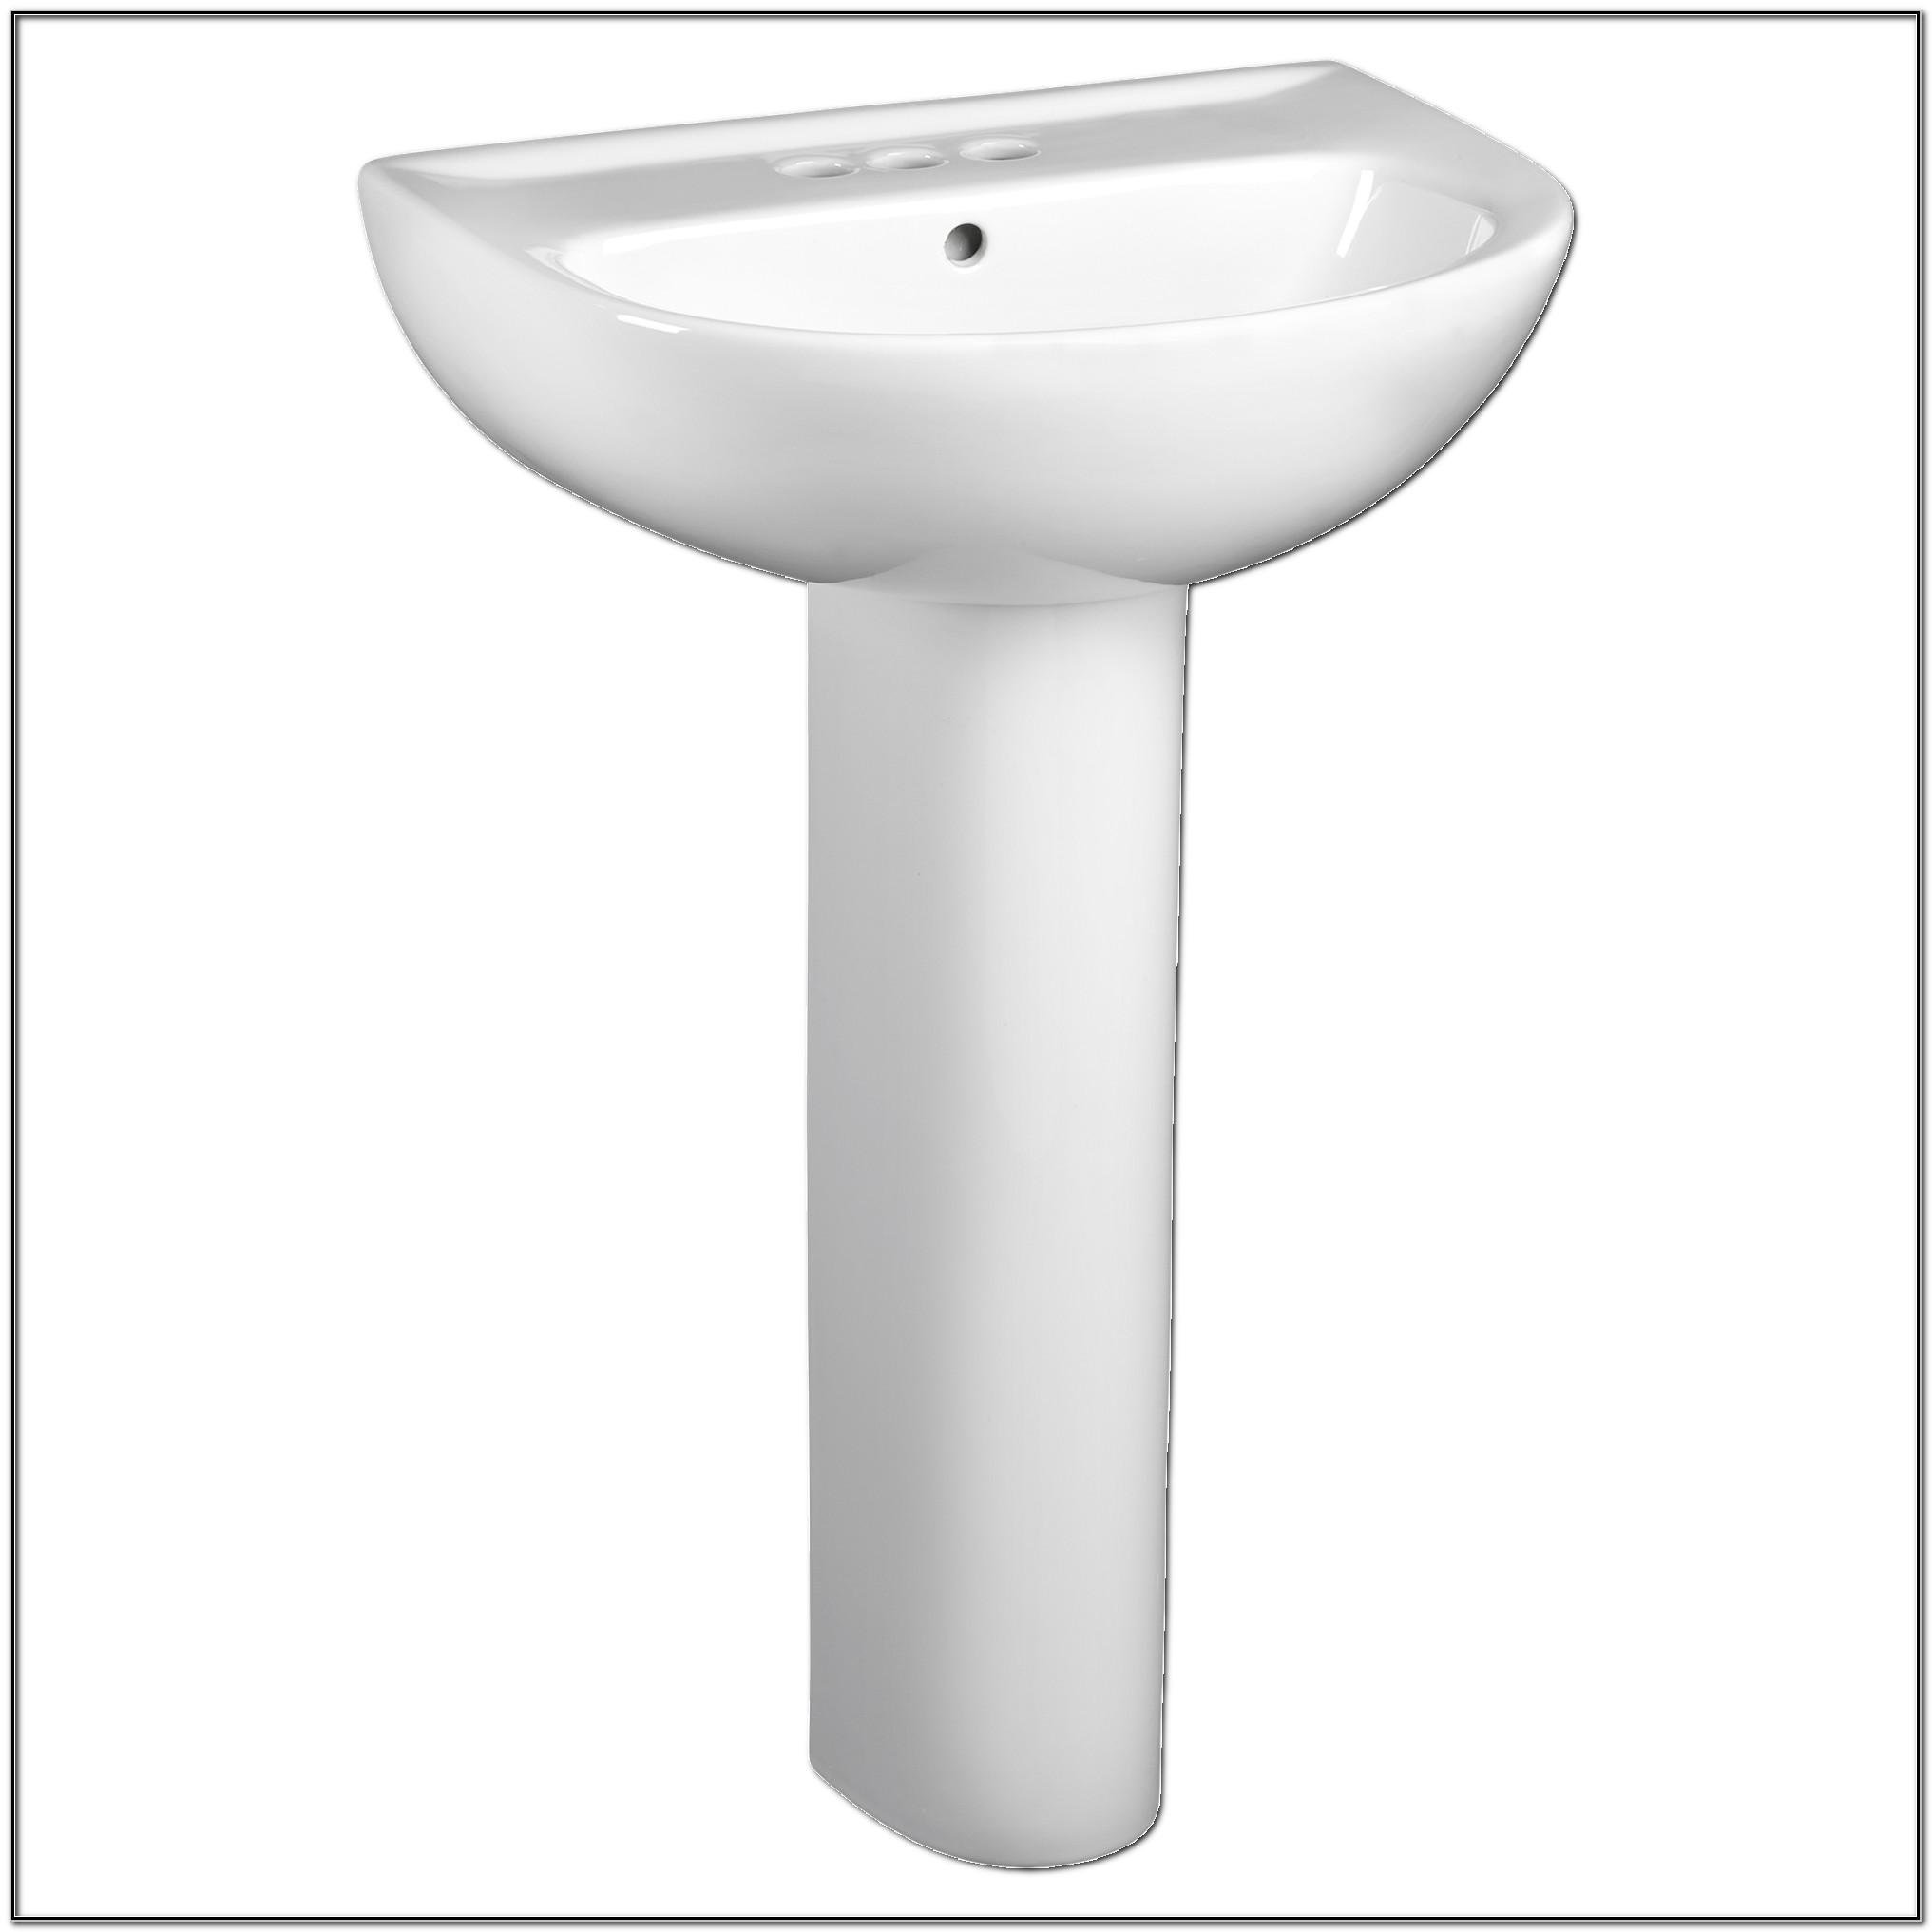 22 Inch Pedestal Sink